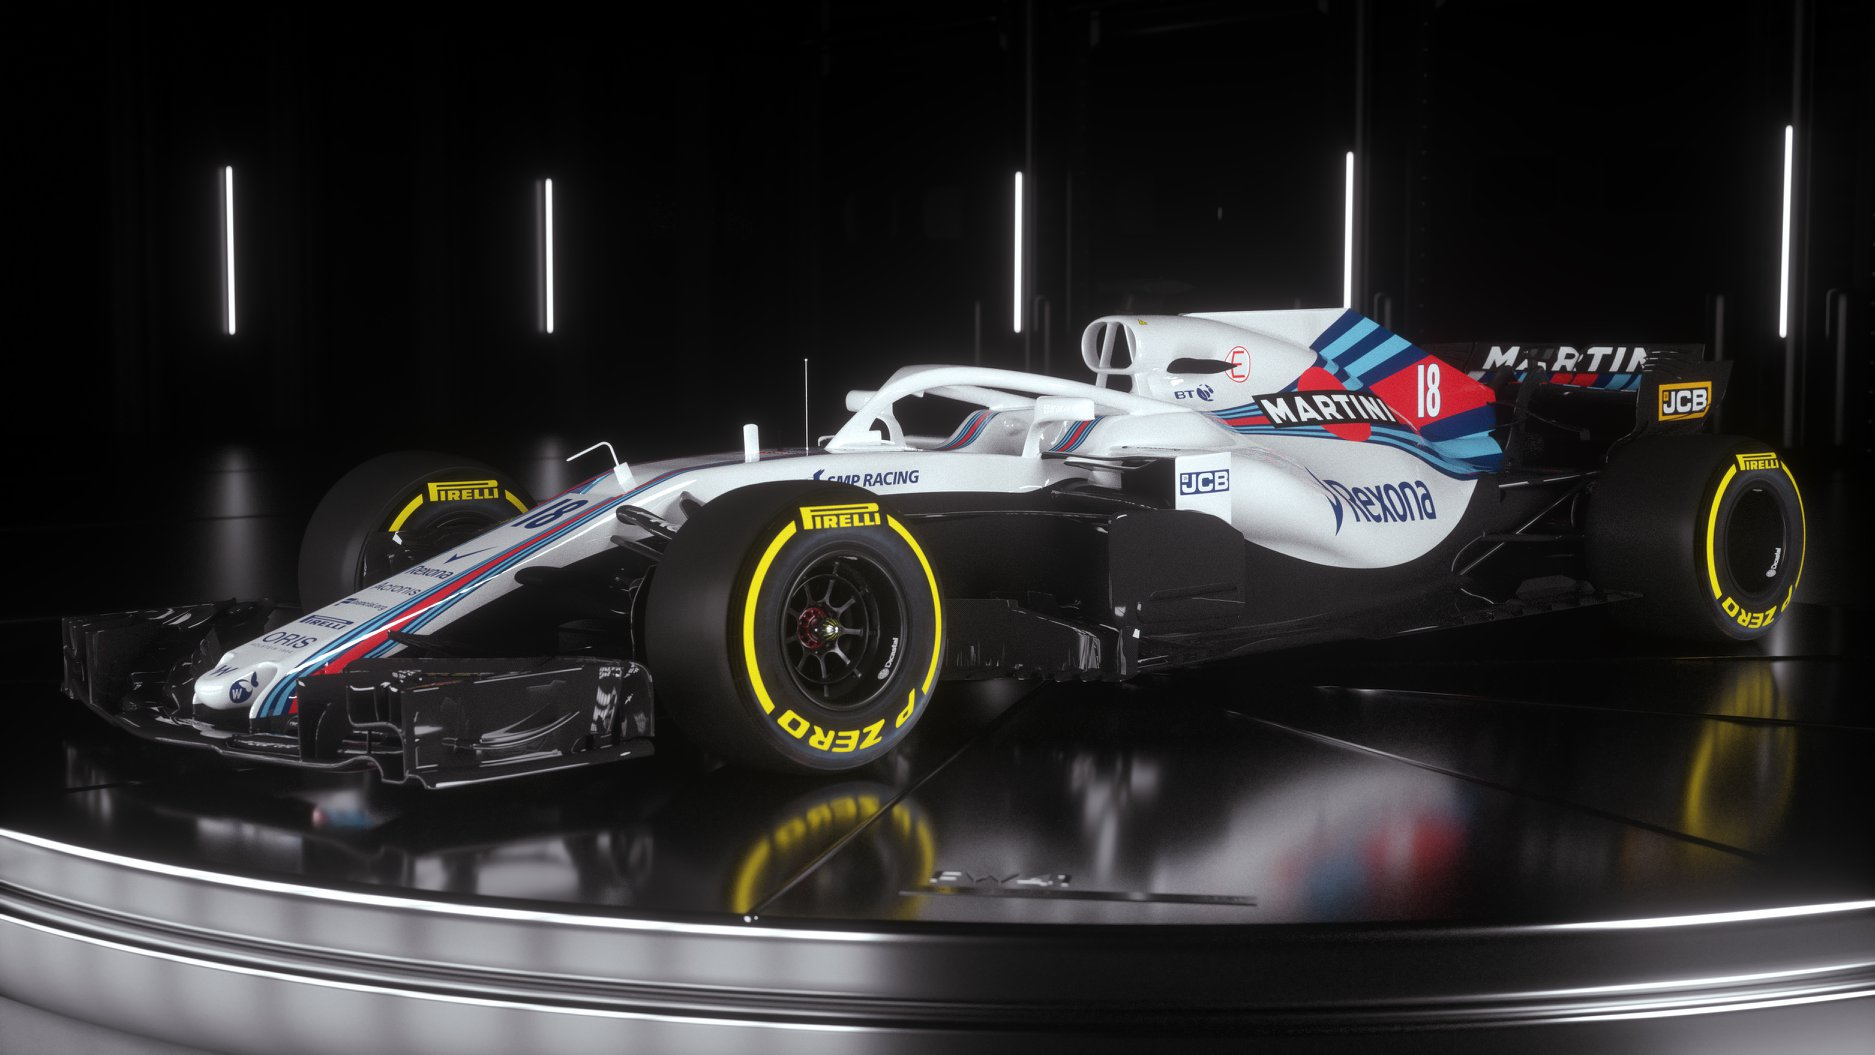 2018 Williams F1 car photos